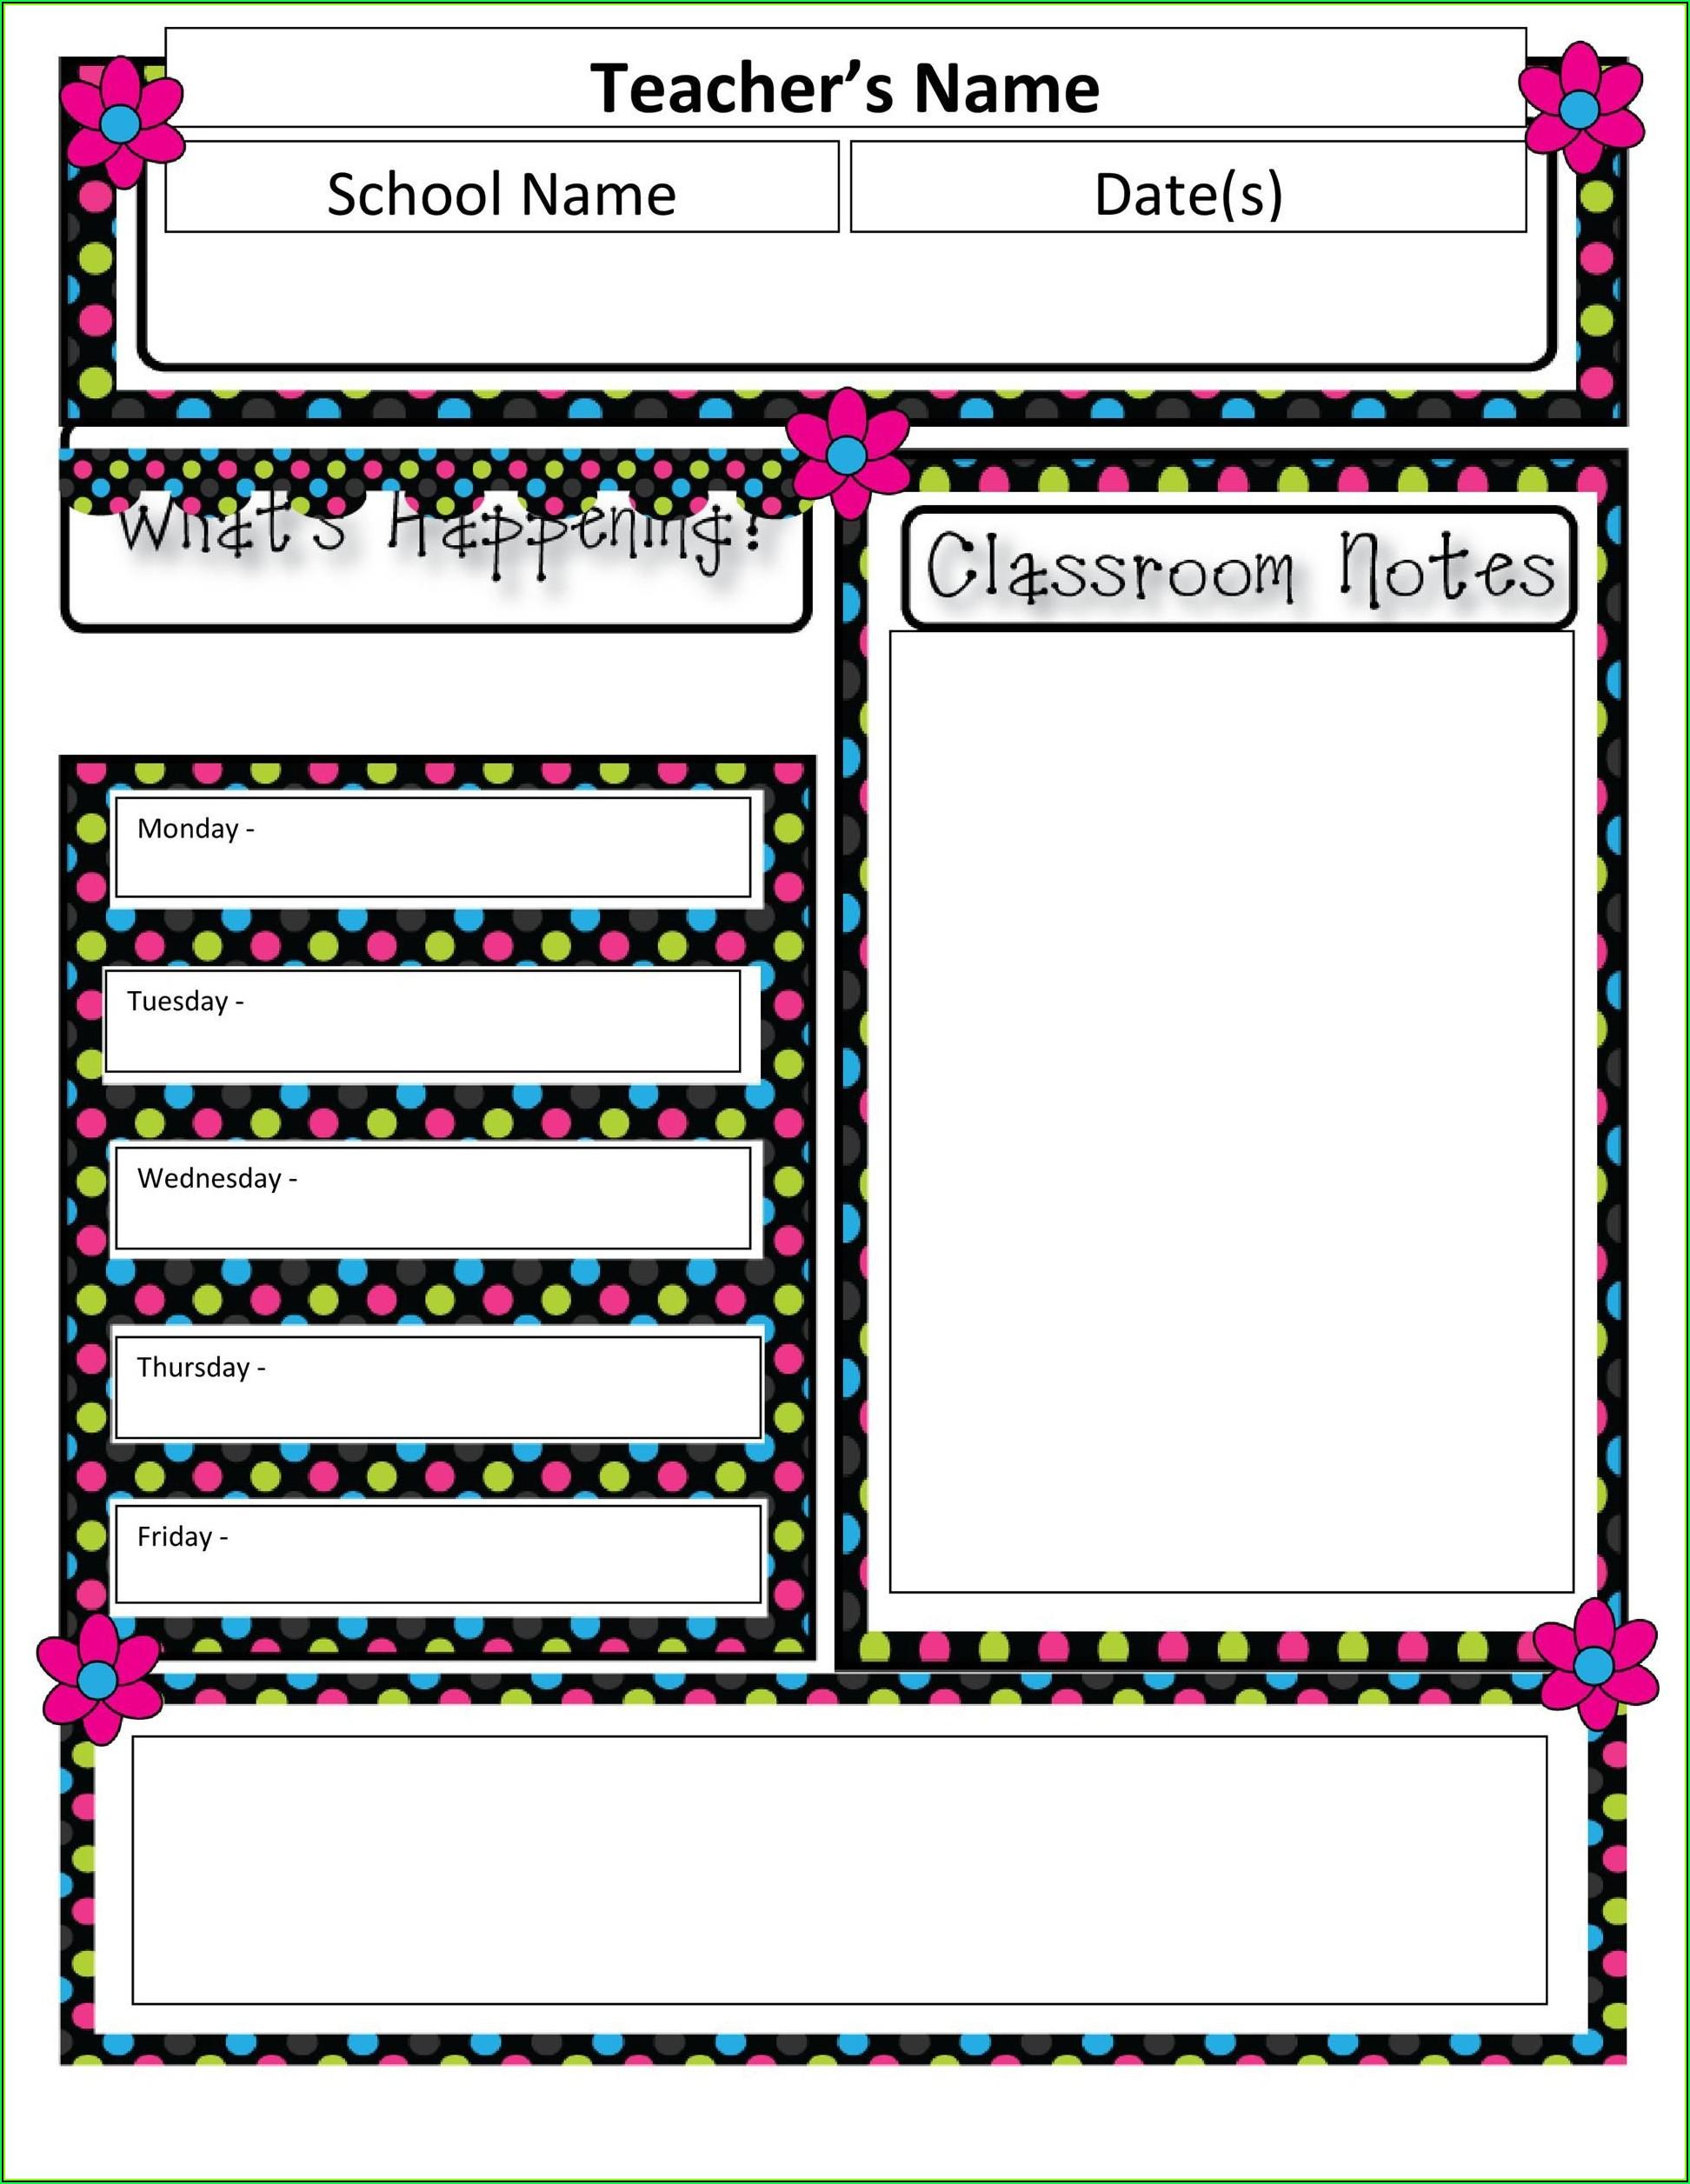 Free Blank Newsletter Templates For Teachers